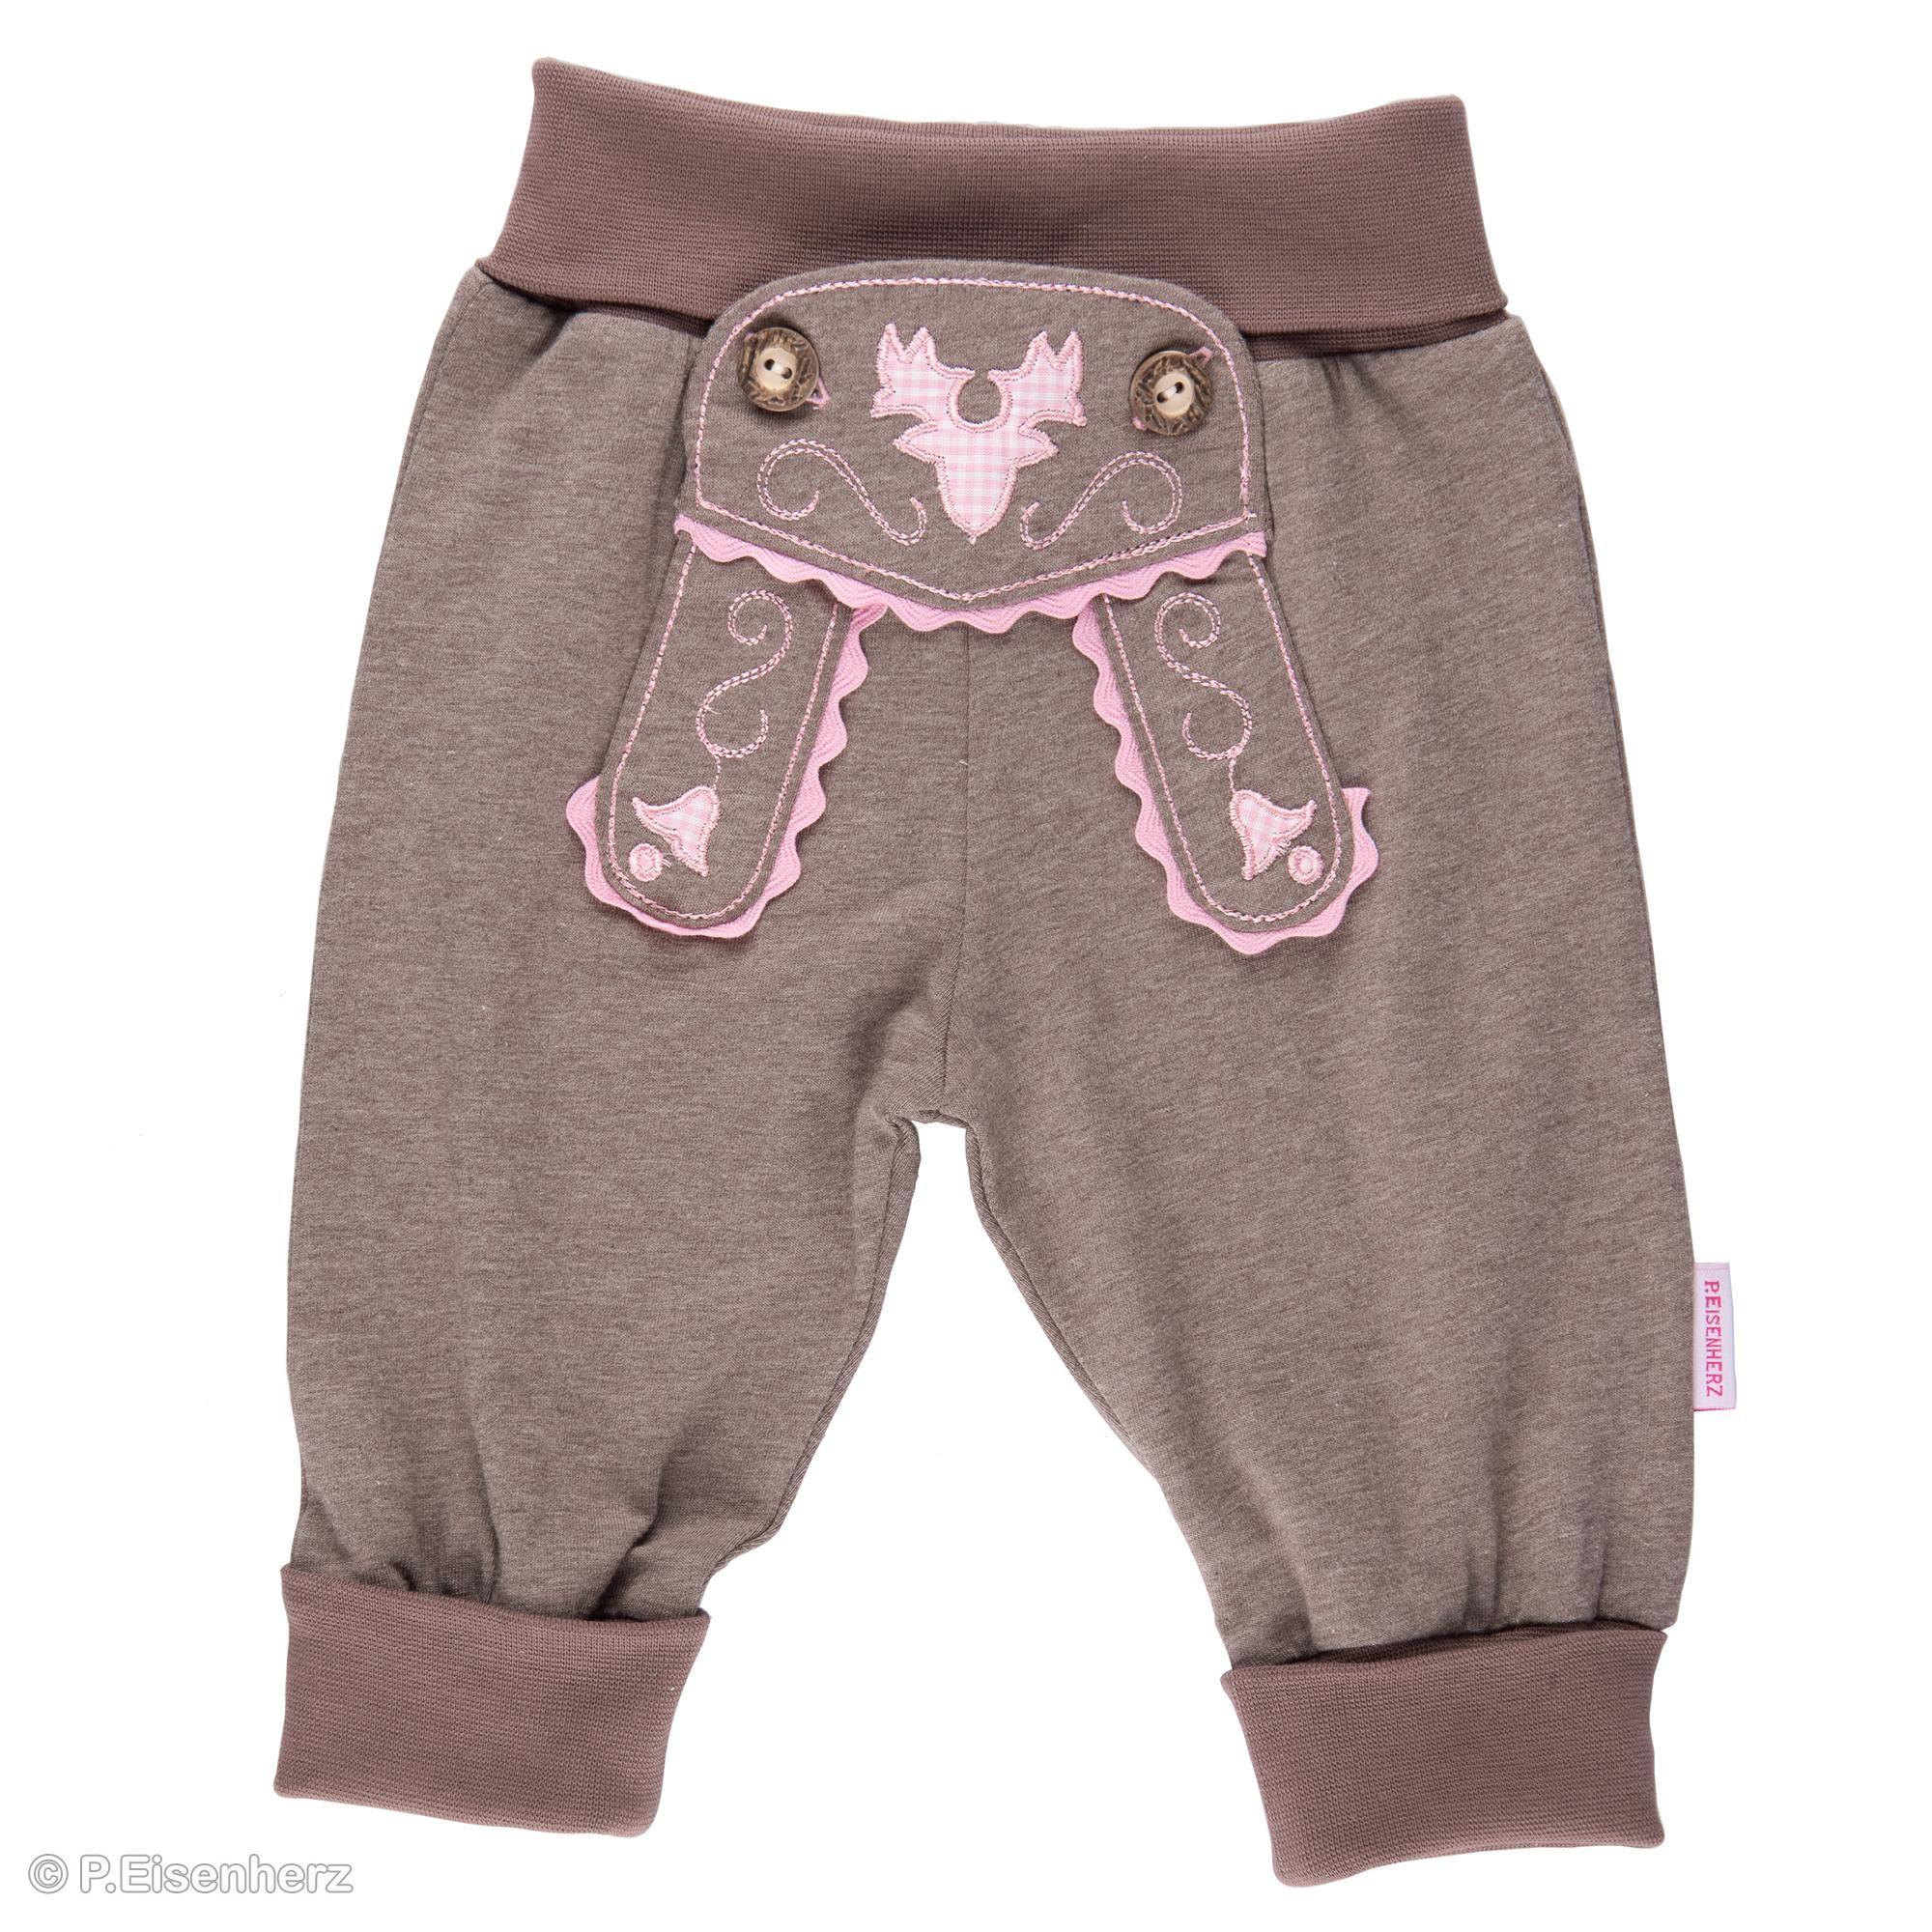 super popular ad3dd 5db47 Babyhose im Lederhosenstil mit Stickerei in rosa